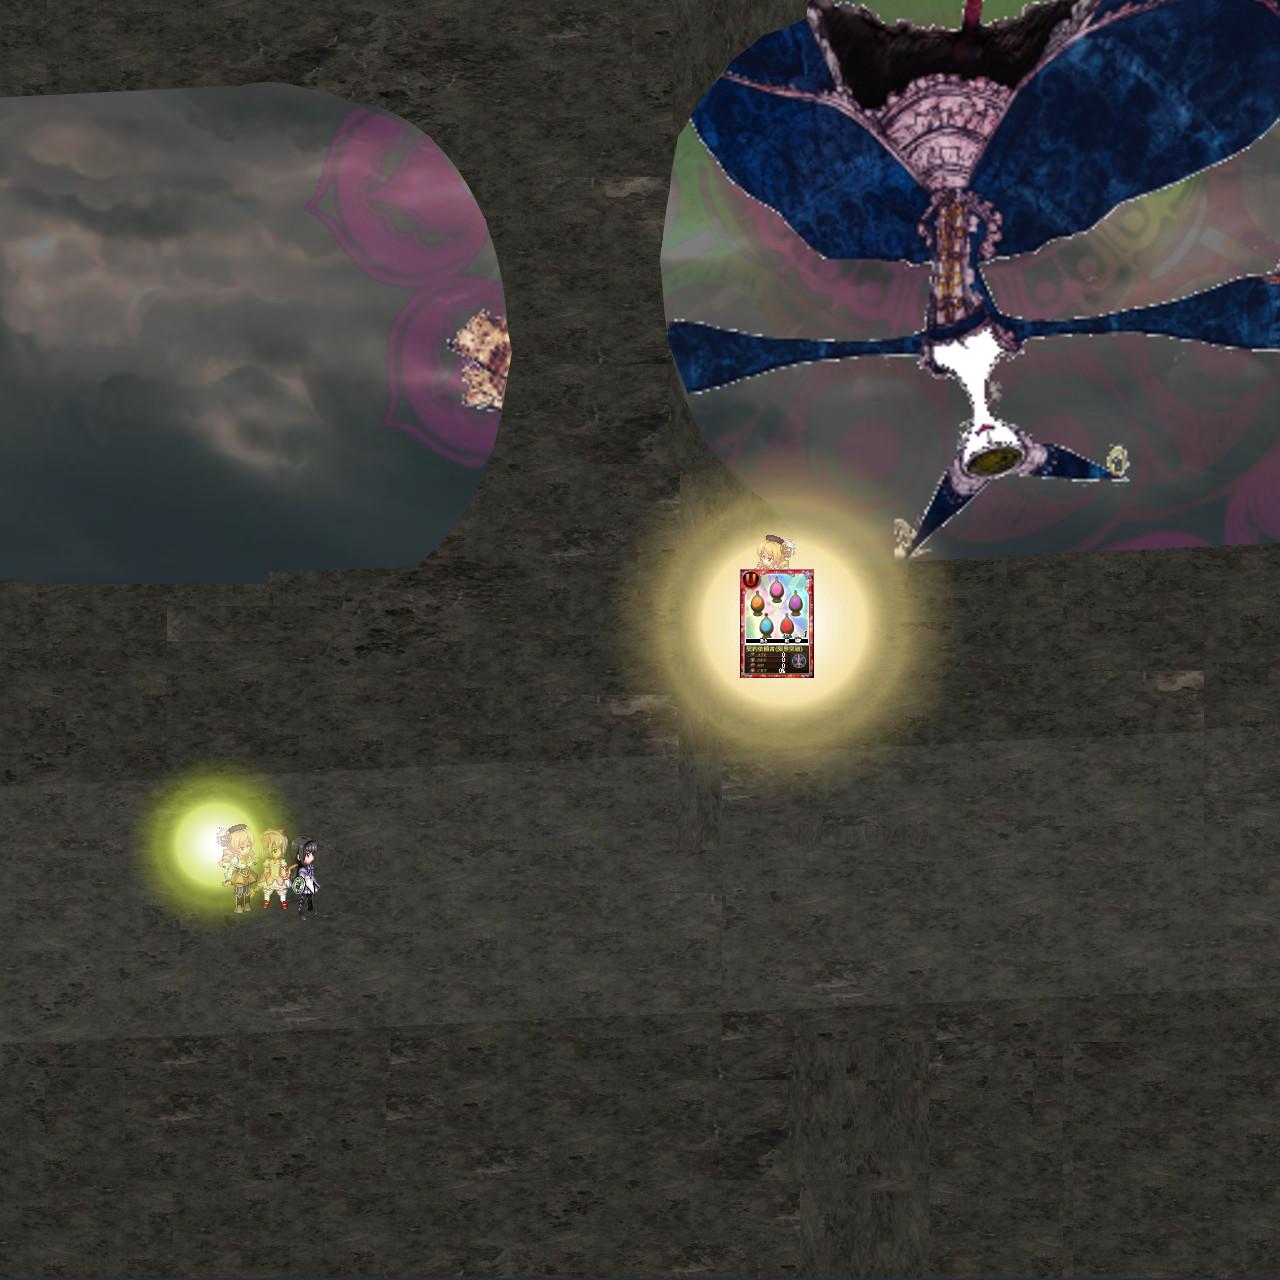 ワルプルギスの夜背天空の戦い69-19